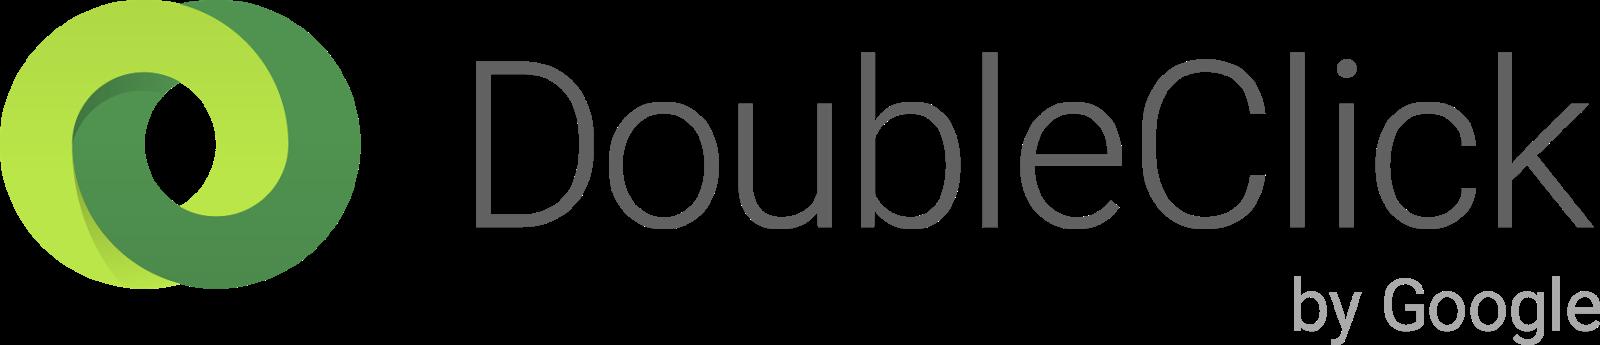 DoubleClick Logosmallsmall